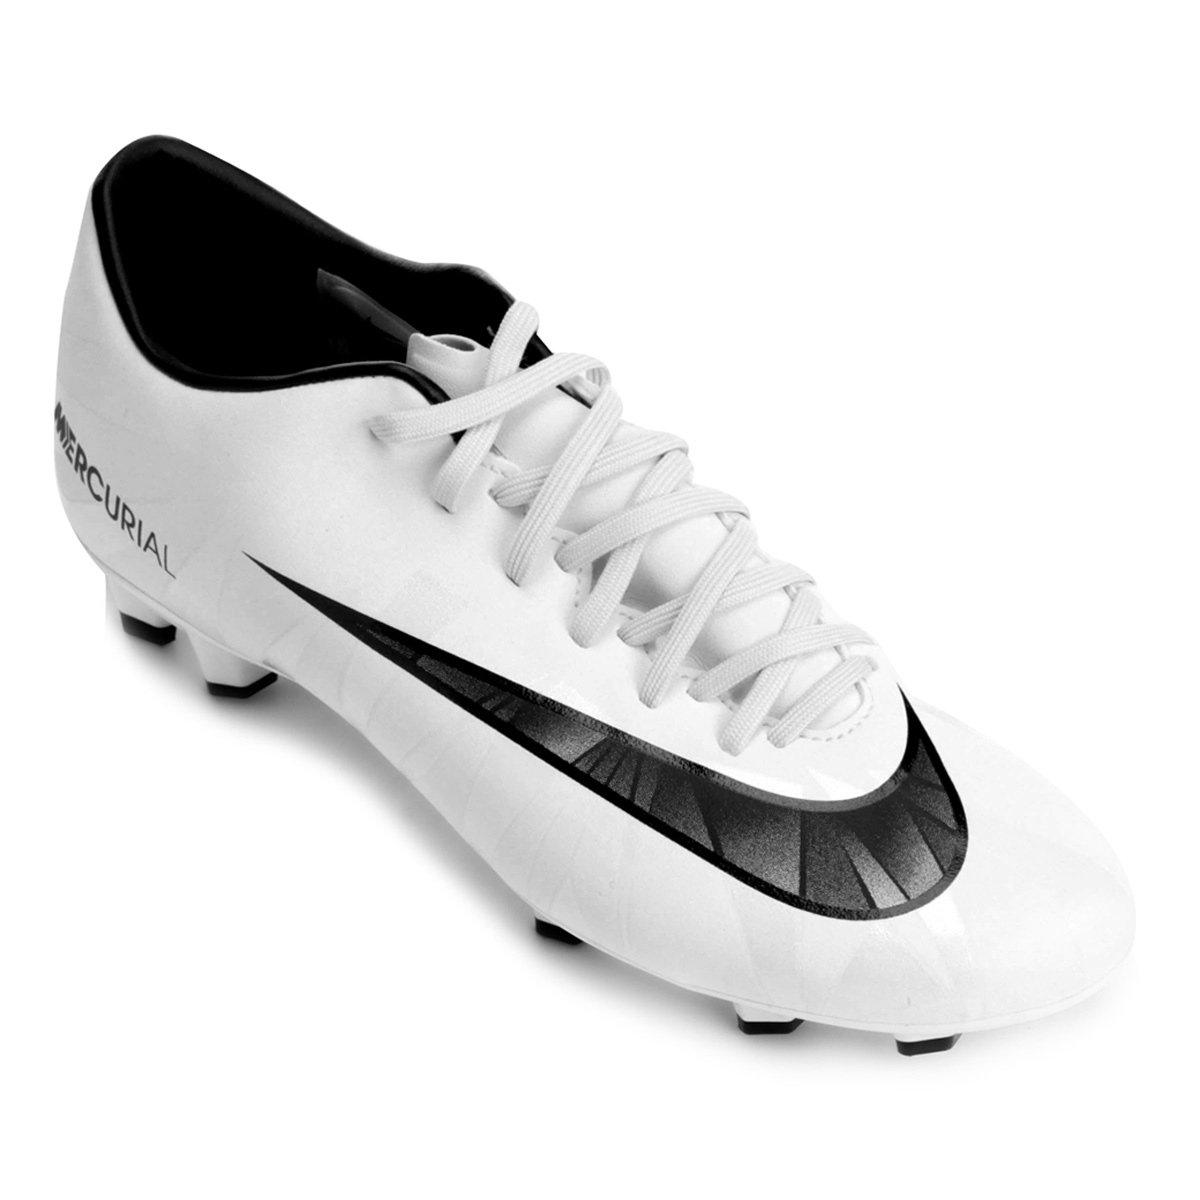 e0532c5b416be Chuteira Campo Nike Mercurial Victory 6 CR7 - Compre Agora